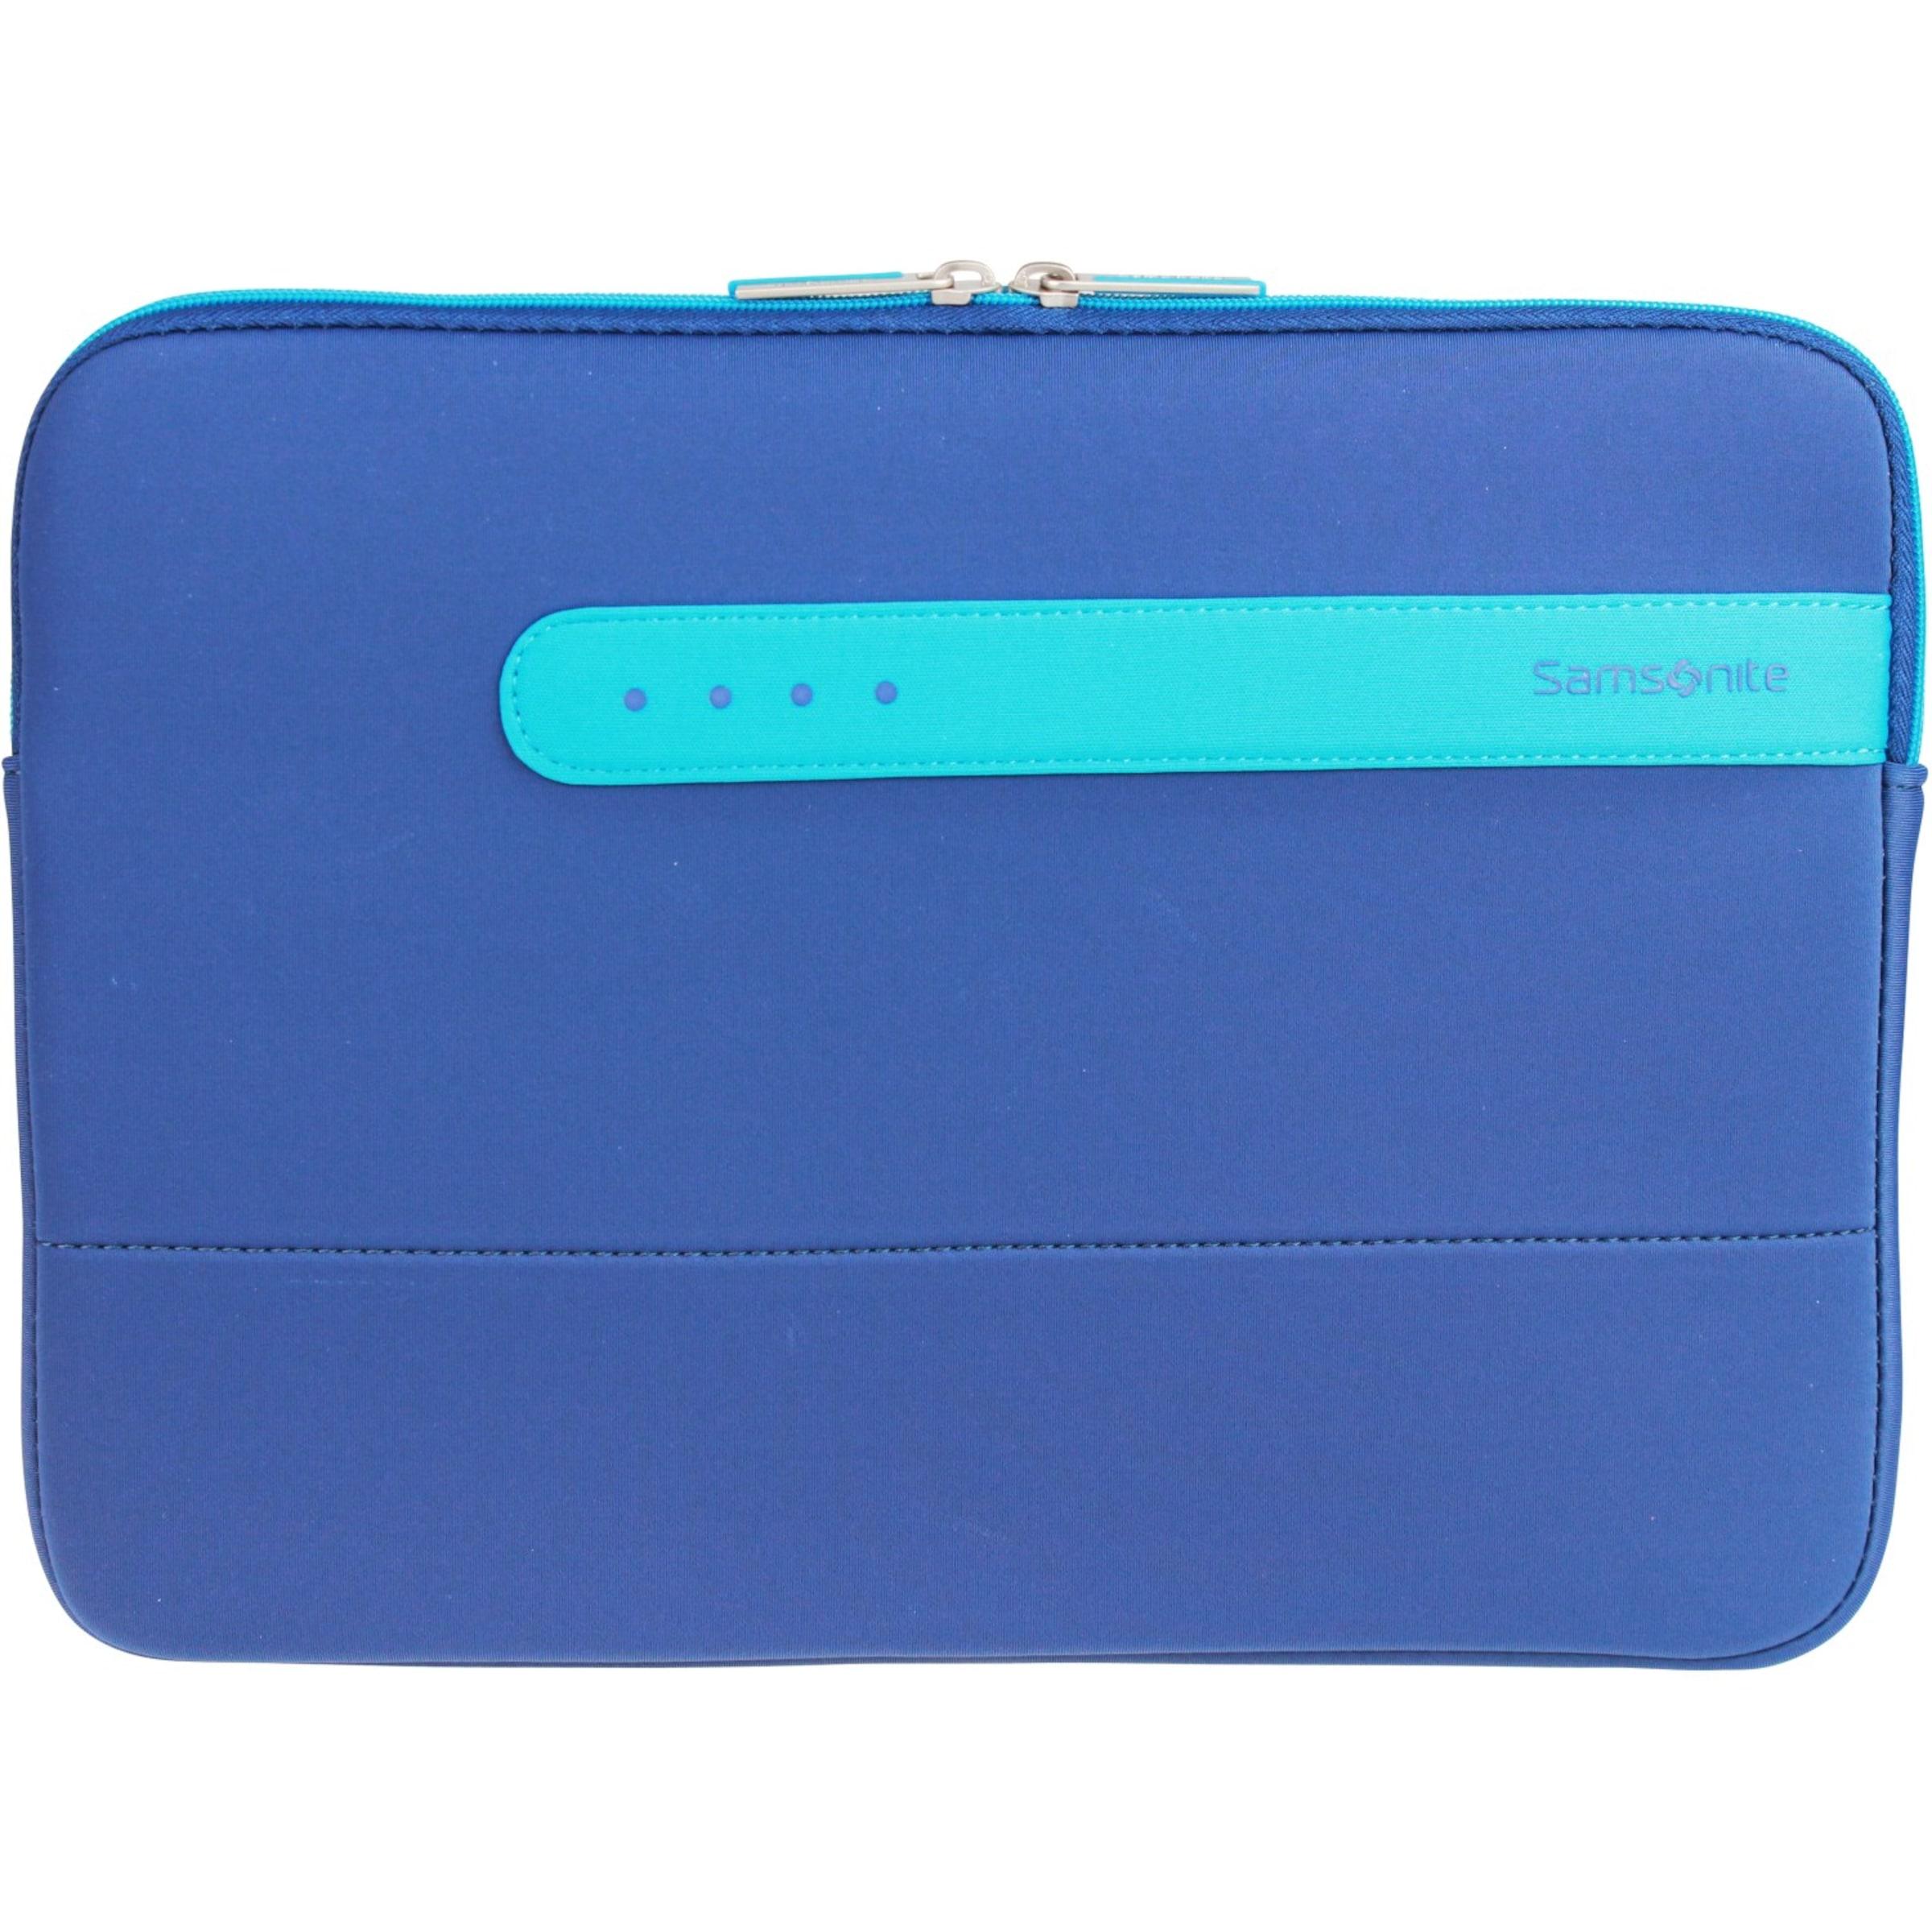 SAMSONITE Colorshield Laptophülle 30.2 cm Auslass Verkauf Online KdeXi2